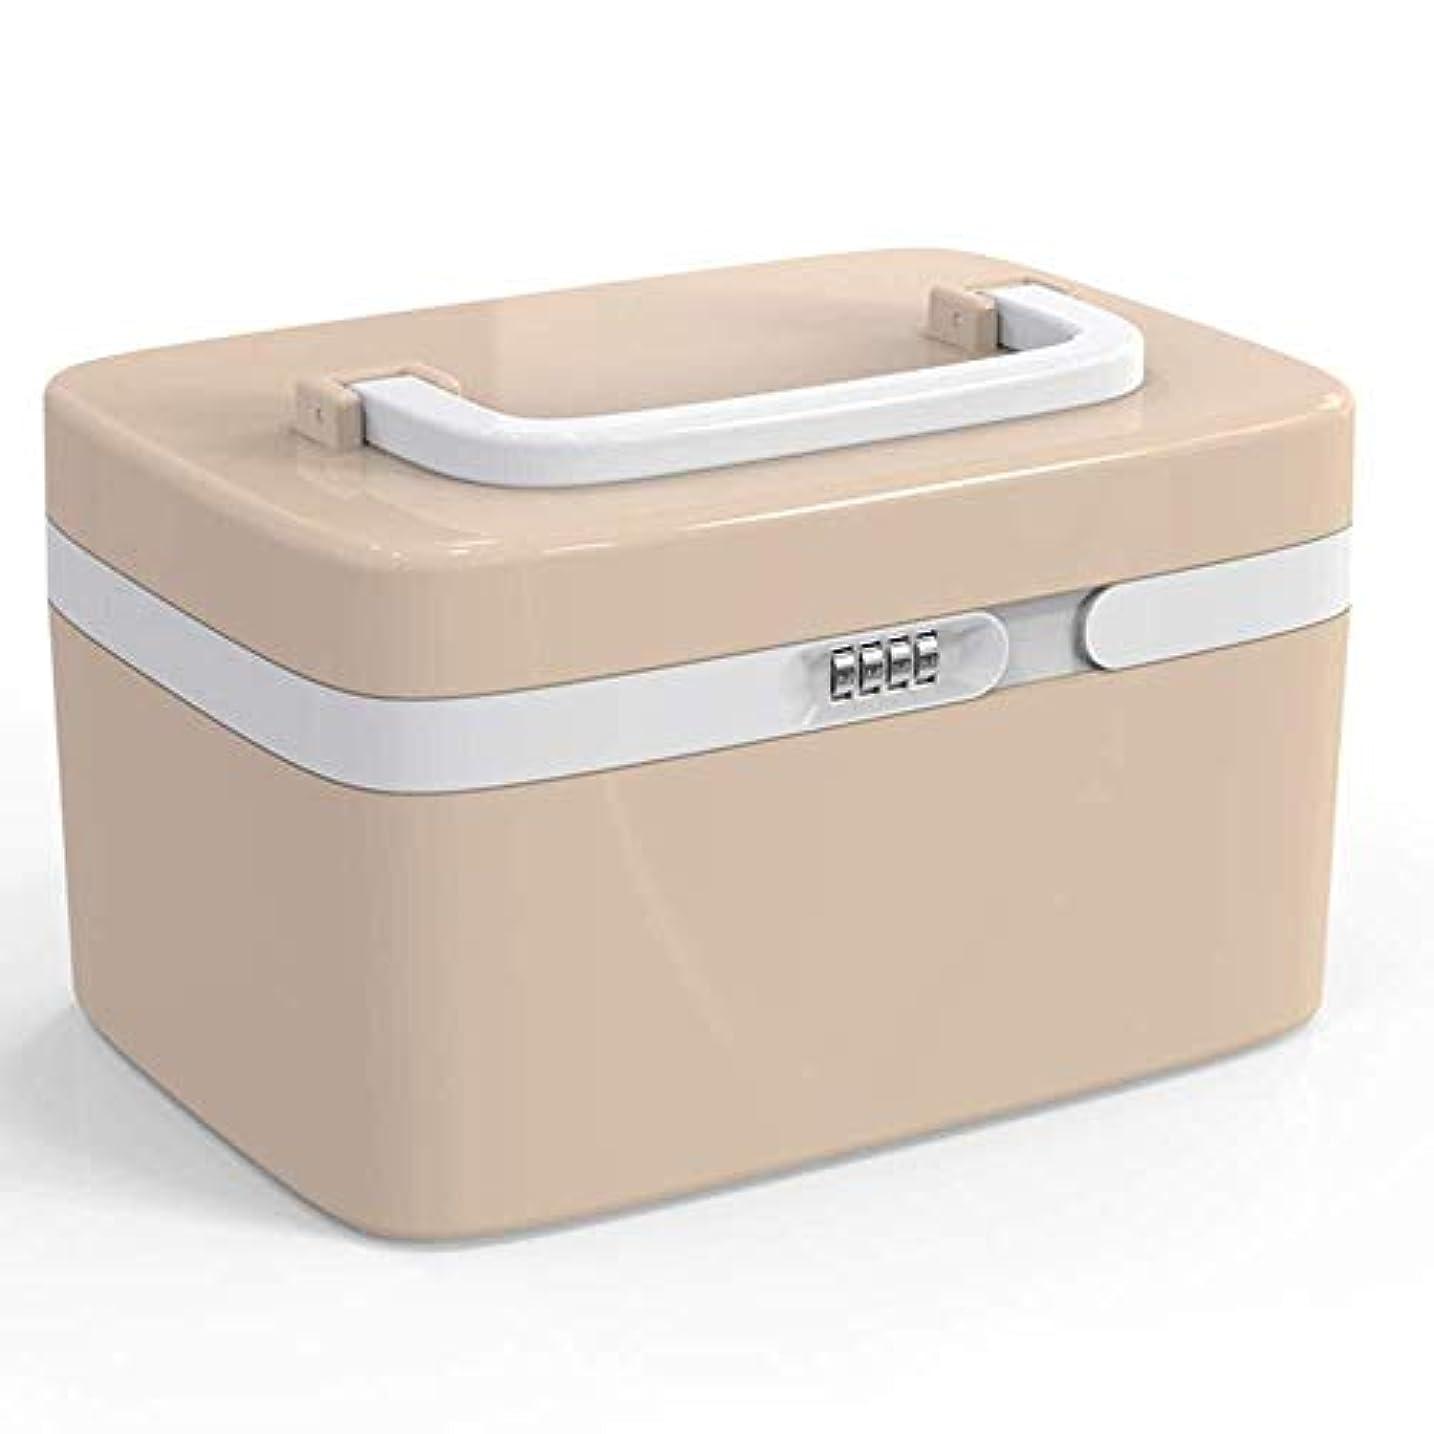 パトワ賞習字Yxsd 応急処置キット ロックされた在宅医療ボックス健康応急処置キットプラスチック製の小さなパスワード薬箱薬収納ボックス (Color : B)